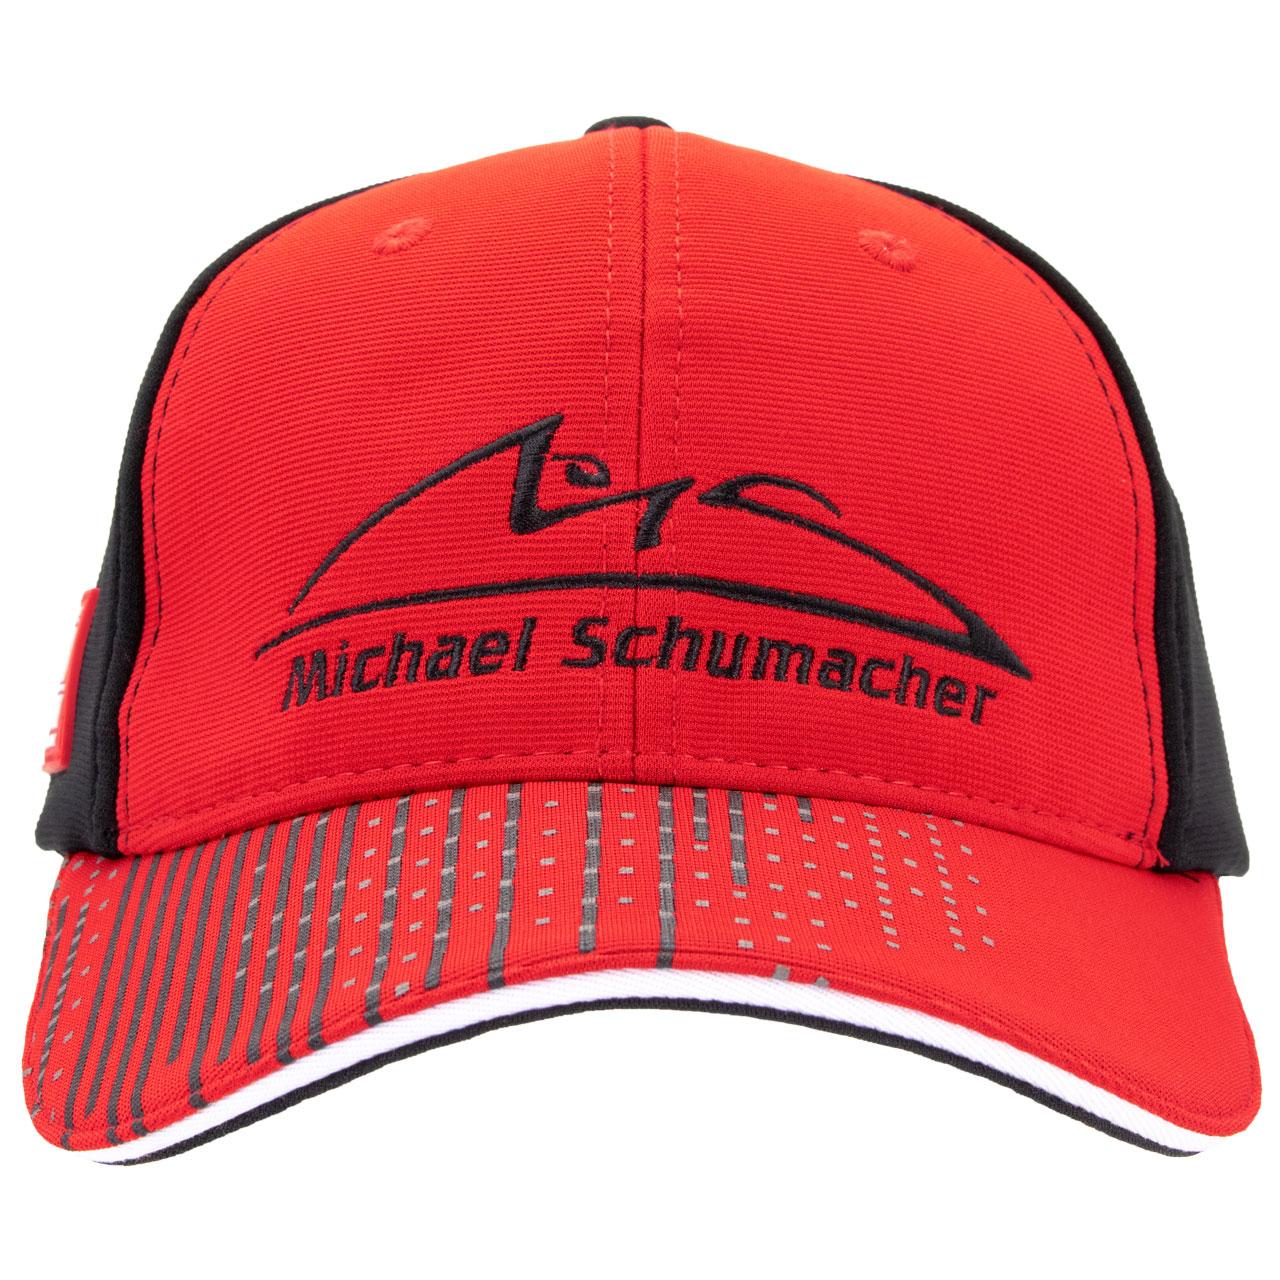 michael-schumacher-cap-fan-sport6